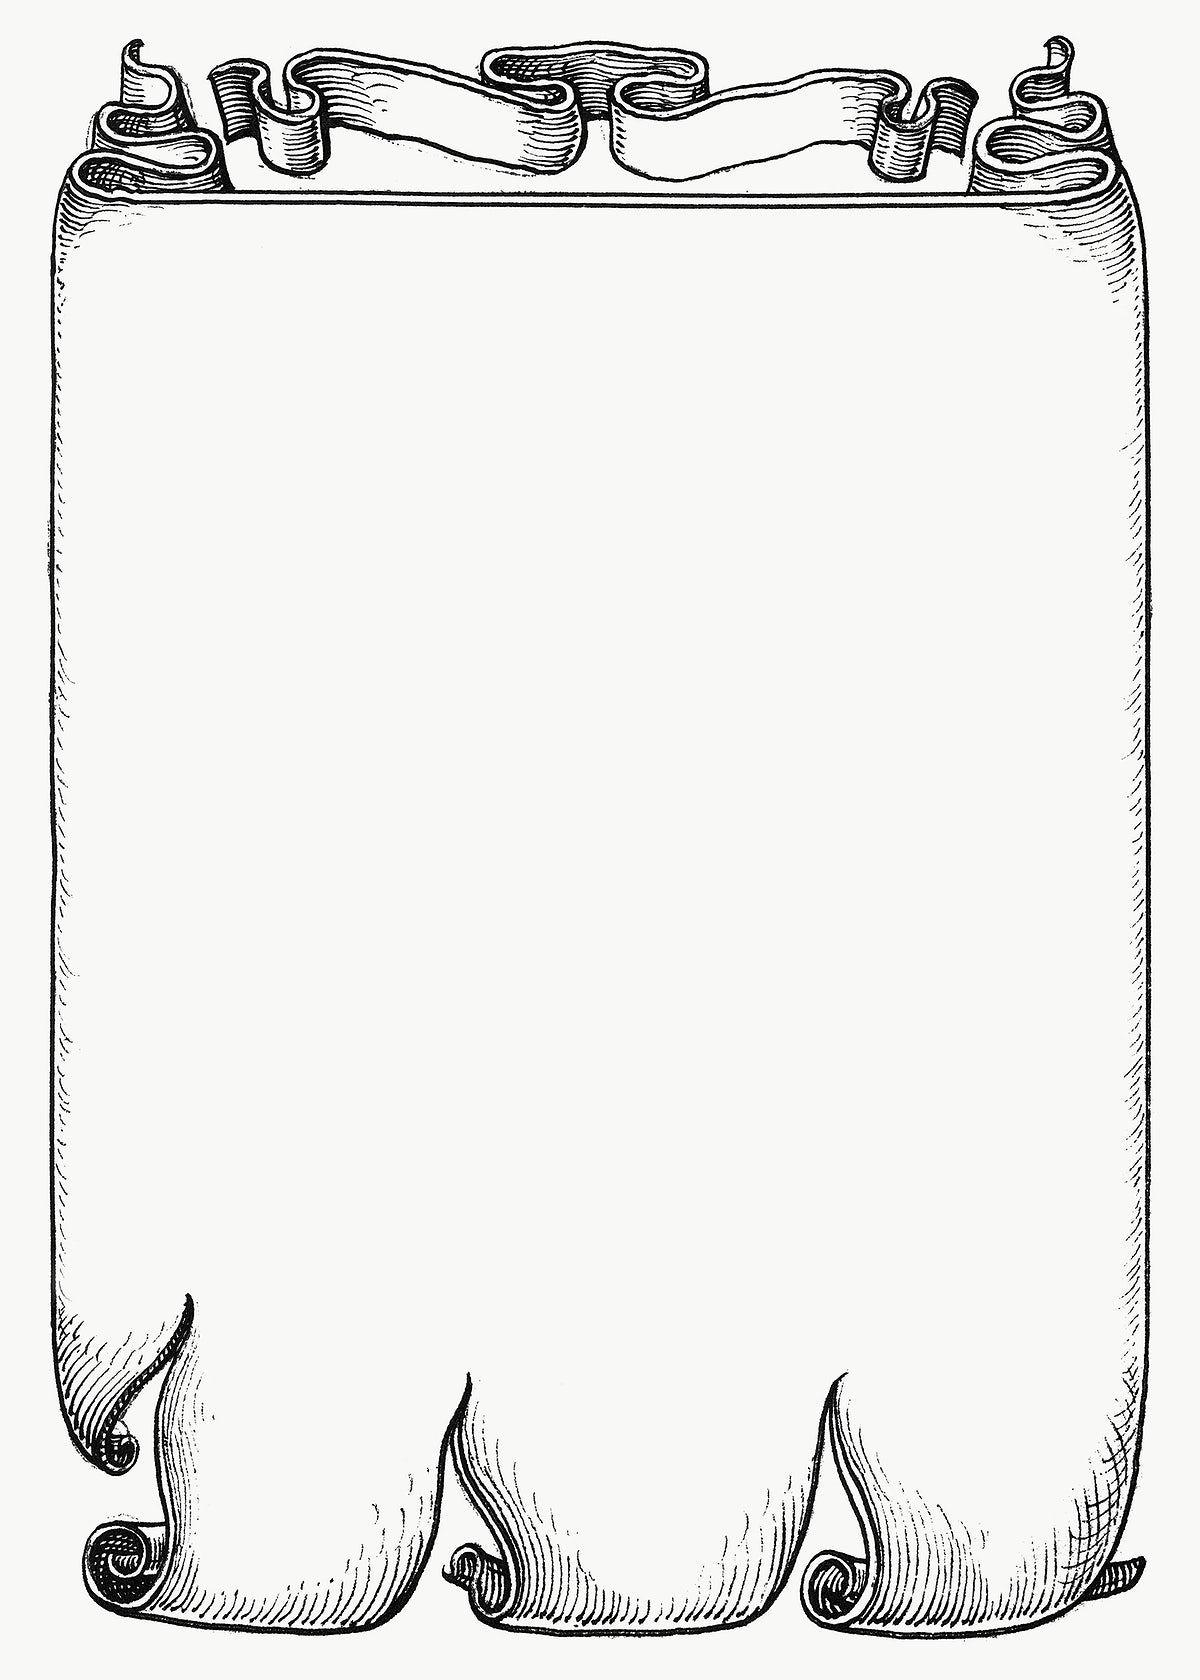 Banner Png Black And White : banner, black, white, Medieval, Parchment, Banner, Transparent, Background, Image, Rawpixel.com, Woraluck, Background,, Antique, Artwork,, Vintage, Illustration